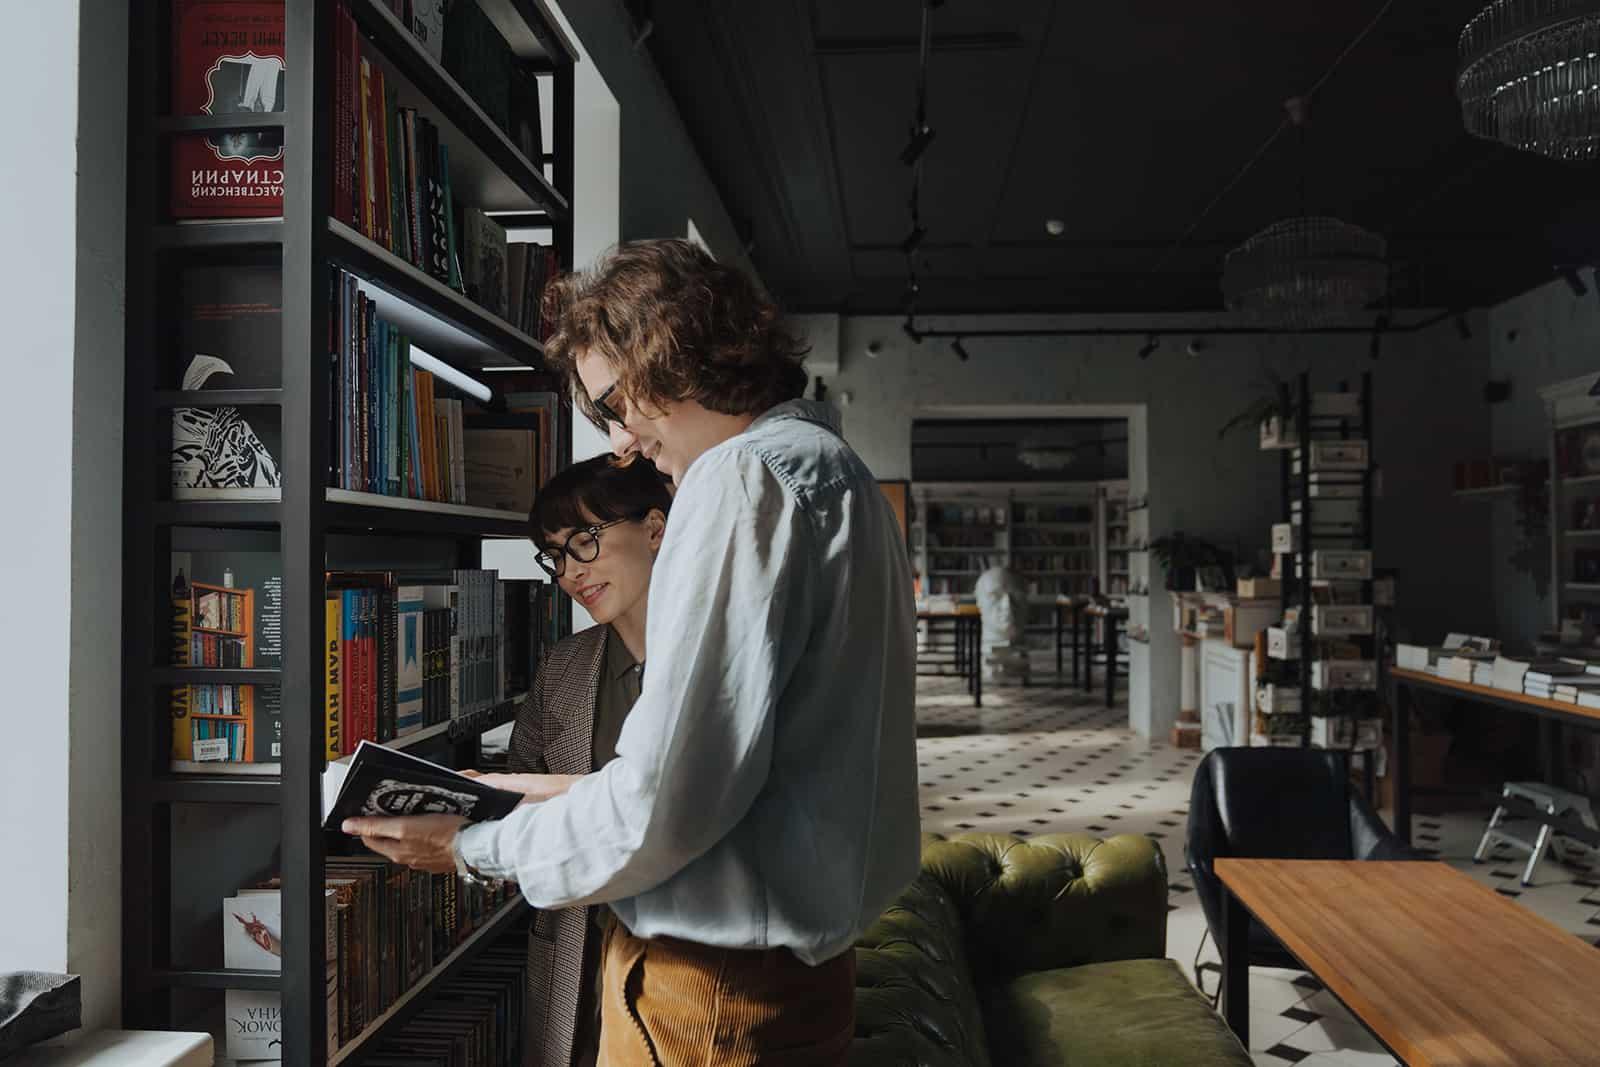 Mann und eine Frau, die ein Buch betrachten, während sie im Buchladen stehen